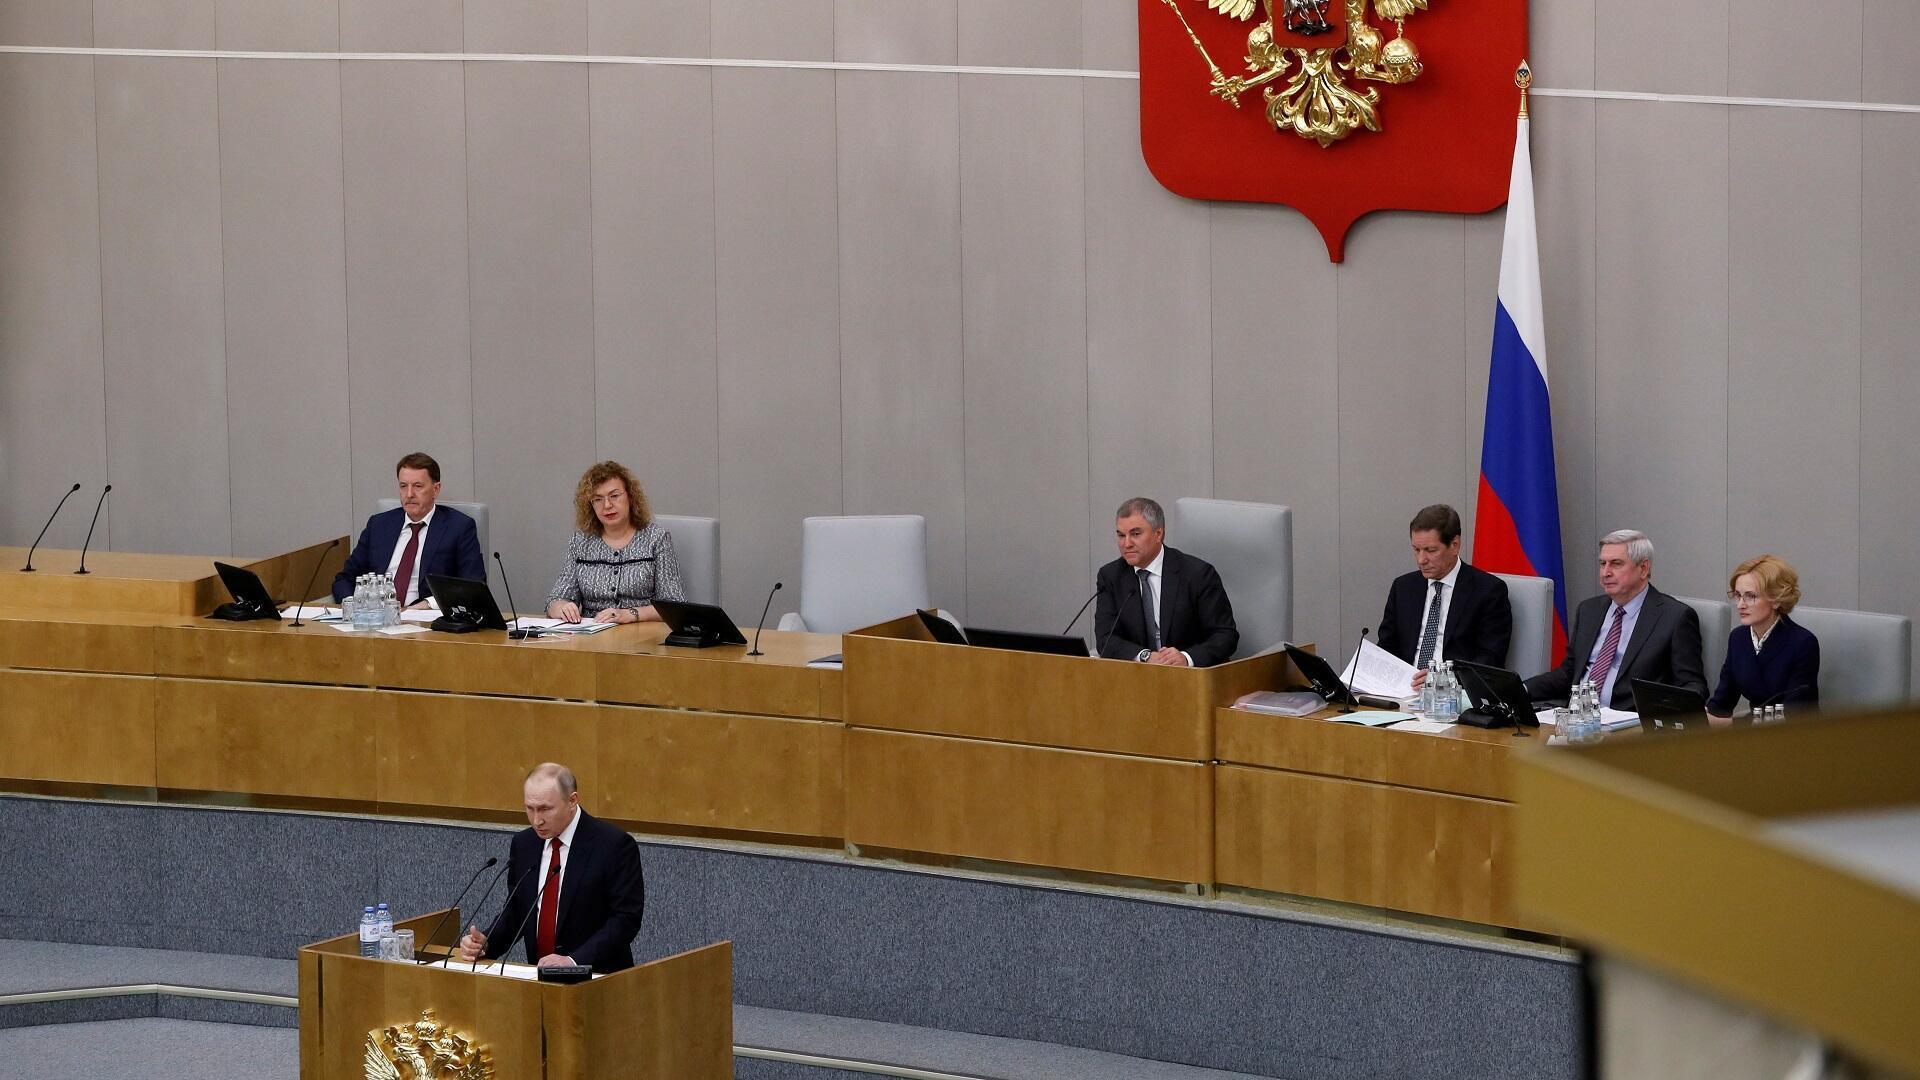 El presidente ruso, Vladimir Putin, se dirige a la Cámara de Representantes el 10 de marzo de 2020.